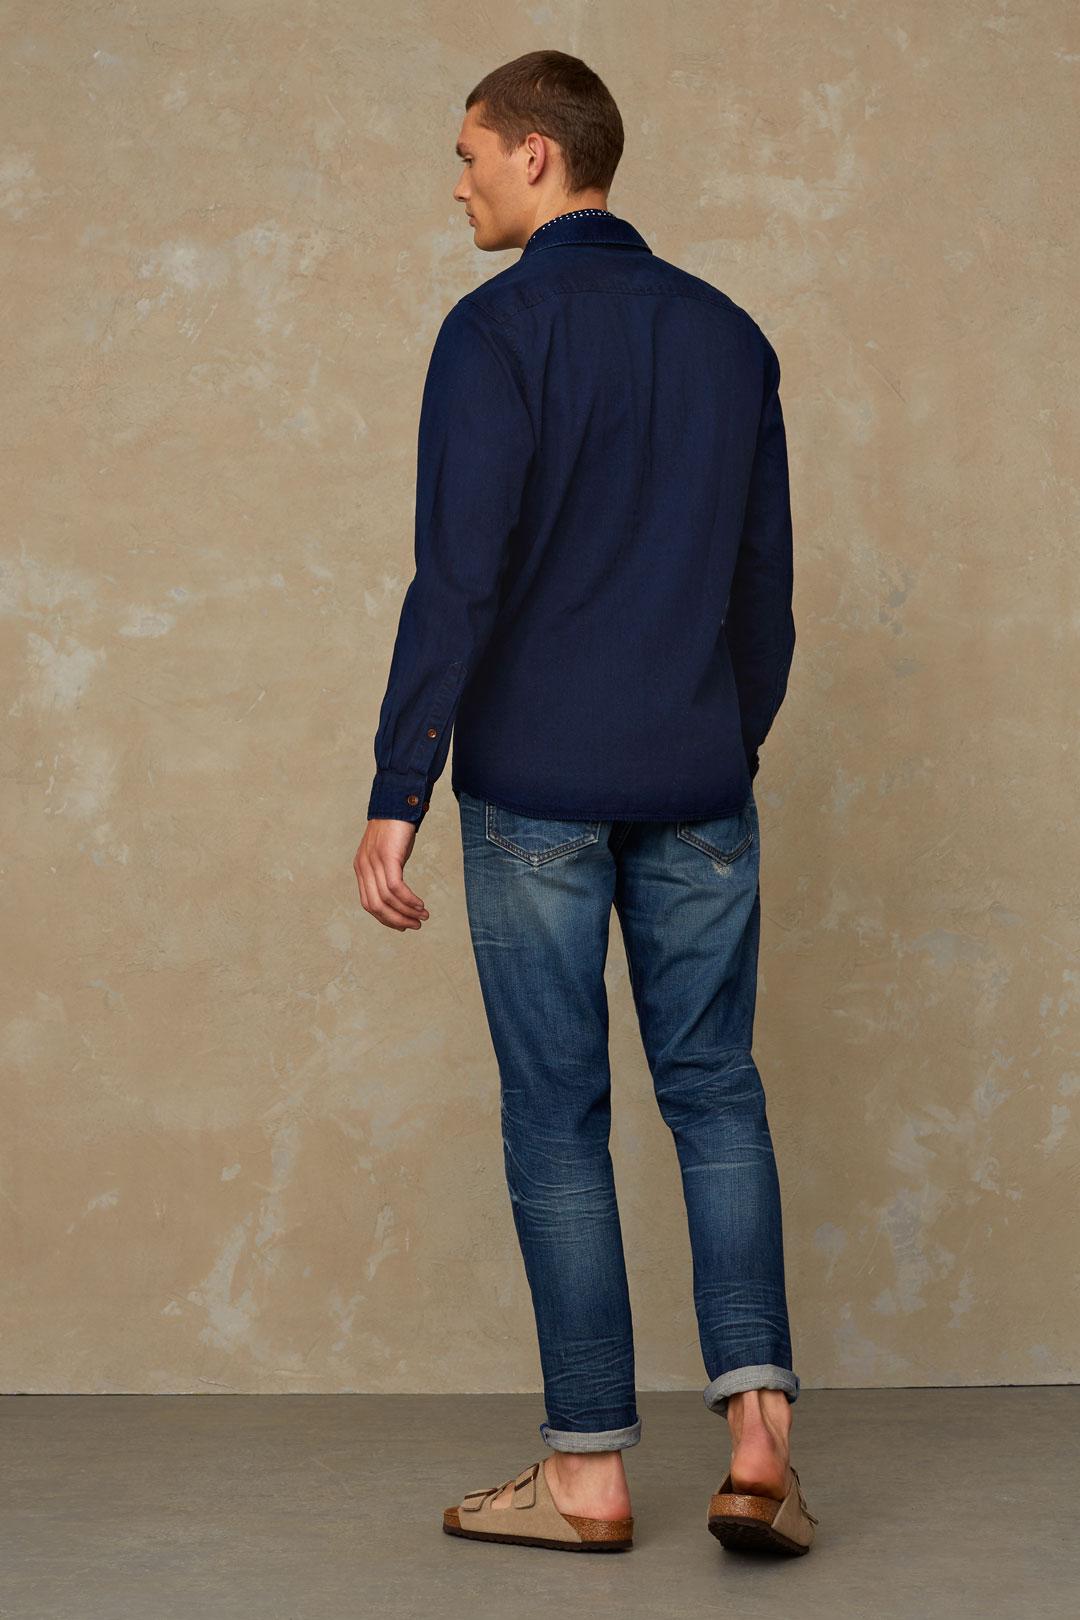 Modell: Enda Pocket Material: 100% ekologisk bomull Färg: Dark Denim Varumärke: KINGS OF INDIGO Certifiering: GOTS